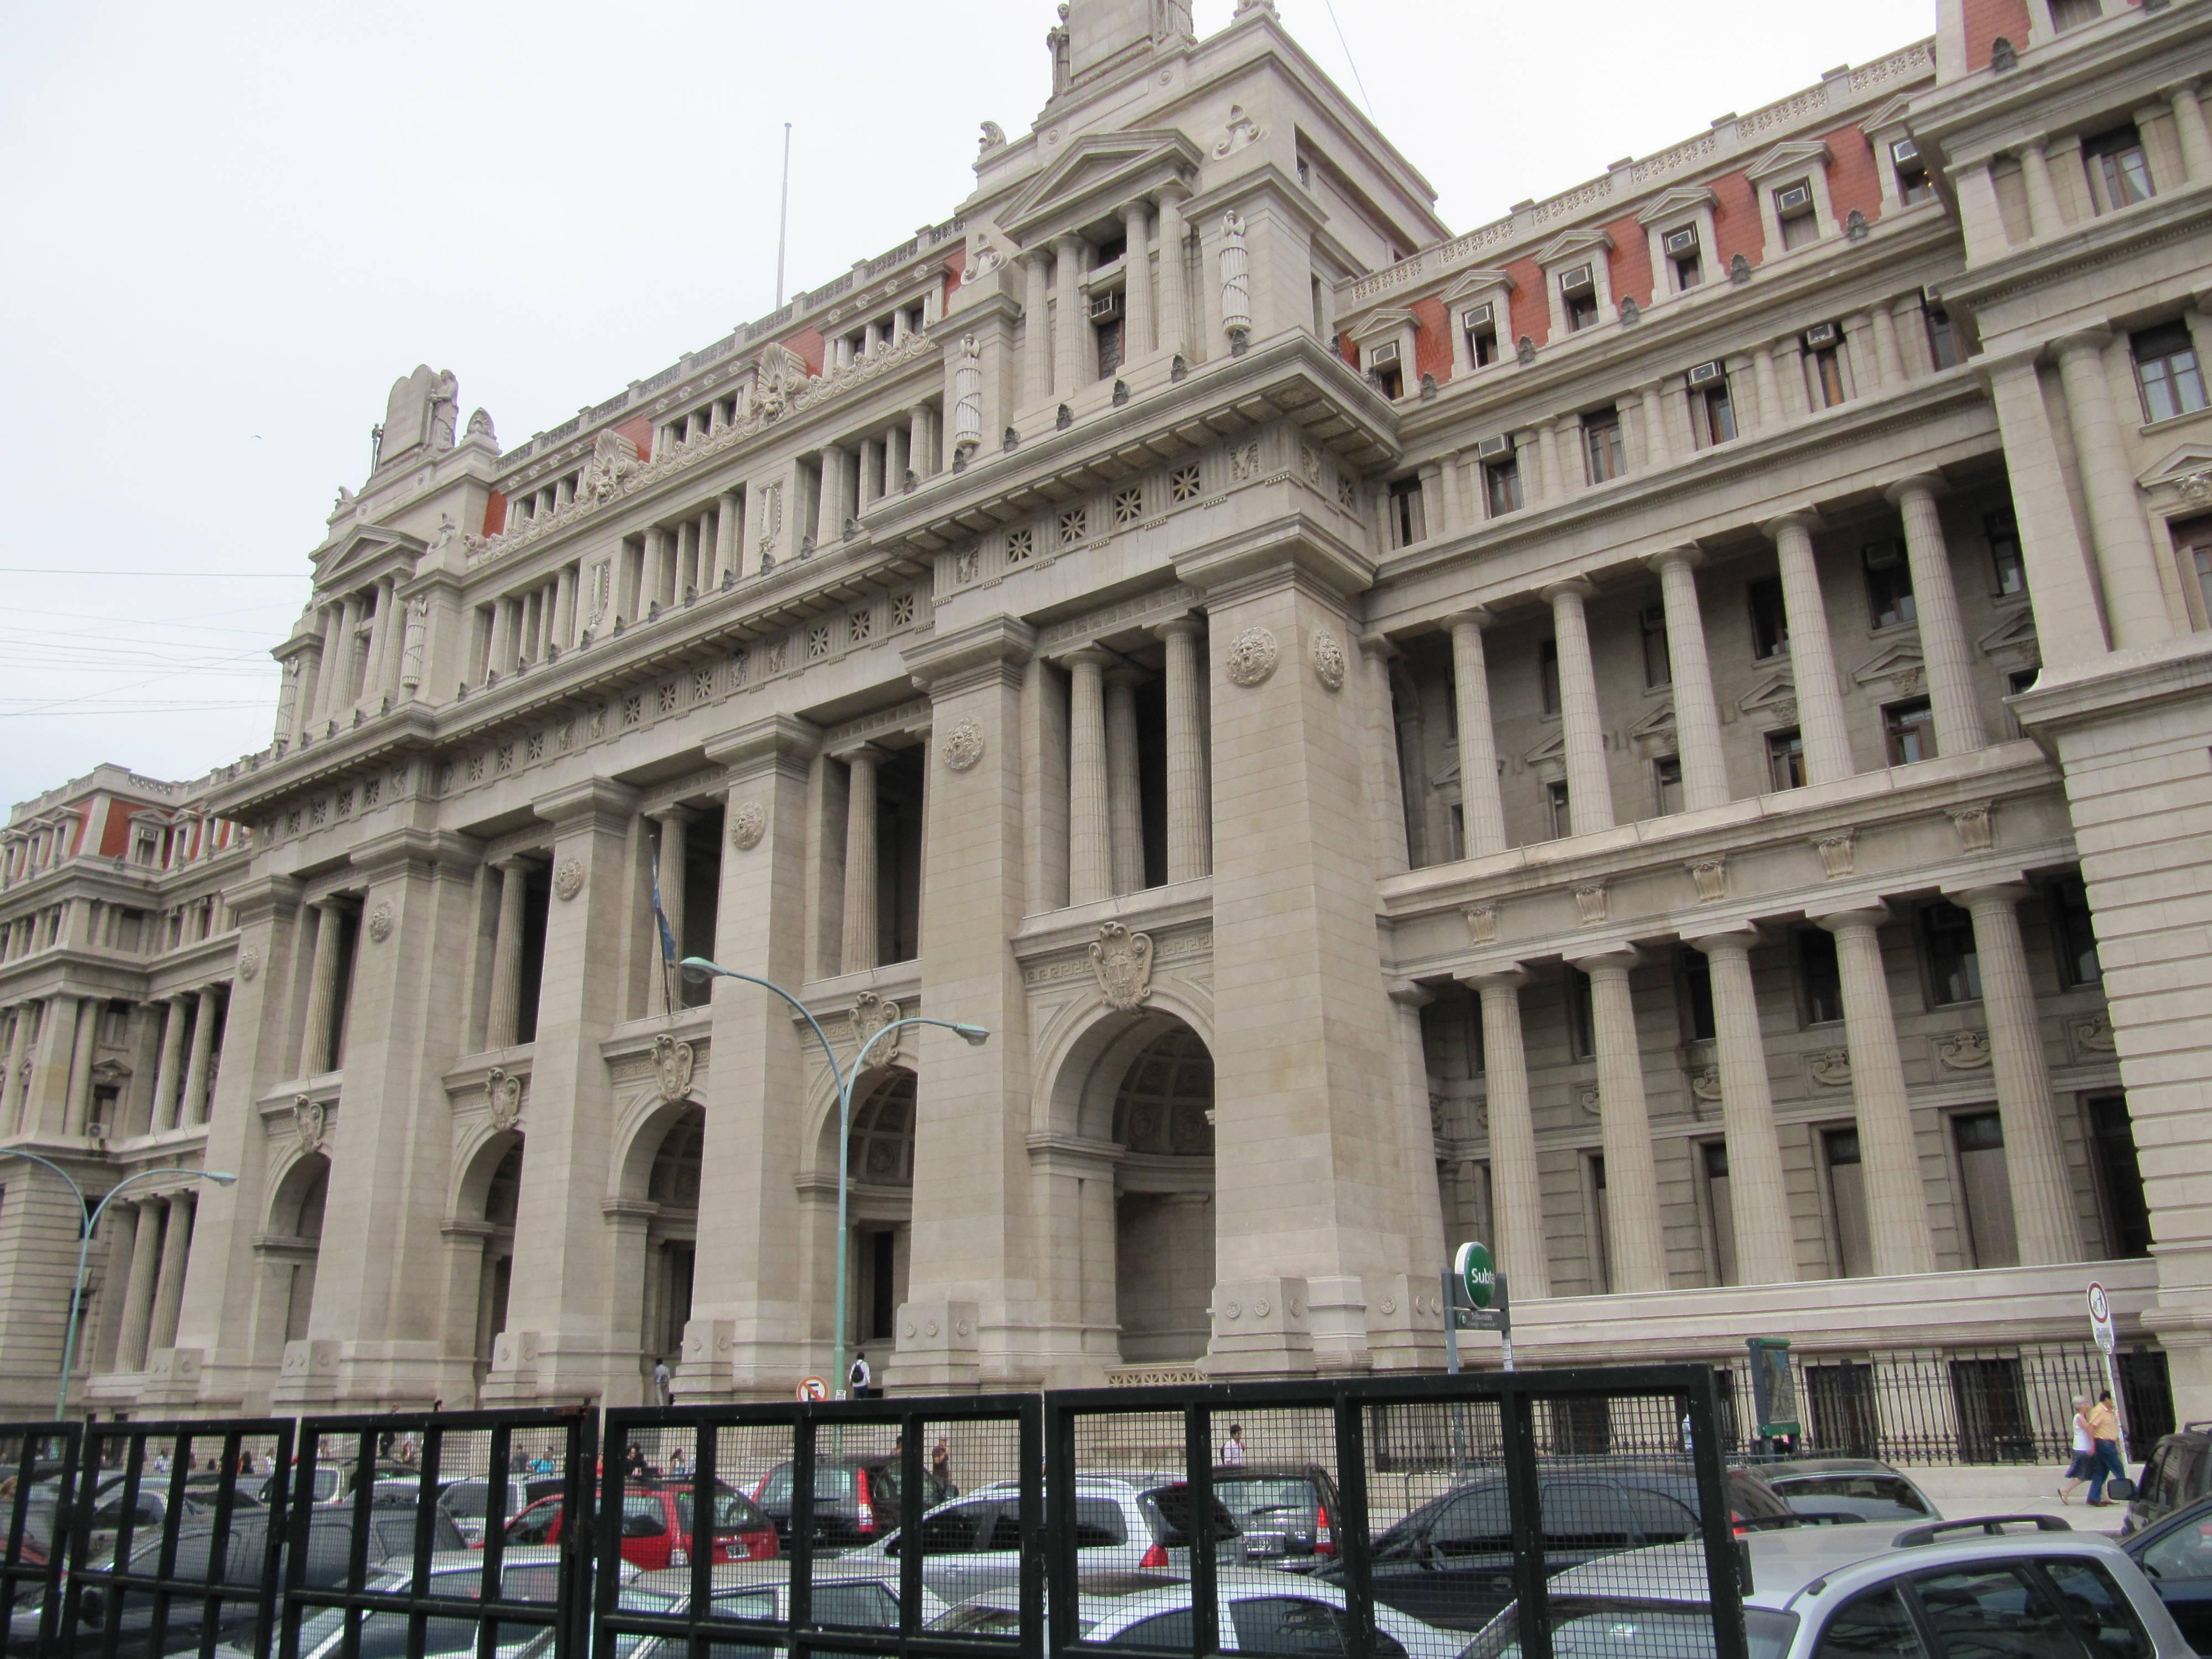 El acuerdo de colaboración entre el Ministerio Público Fiscal de Argentina y el Grupo Telefónica tendrá una duración de dos años.